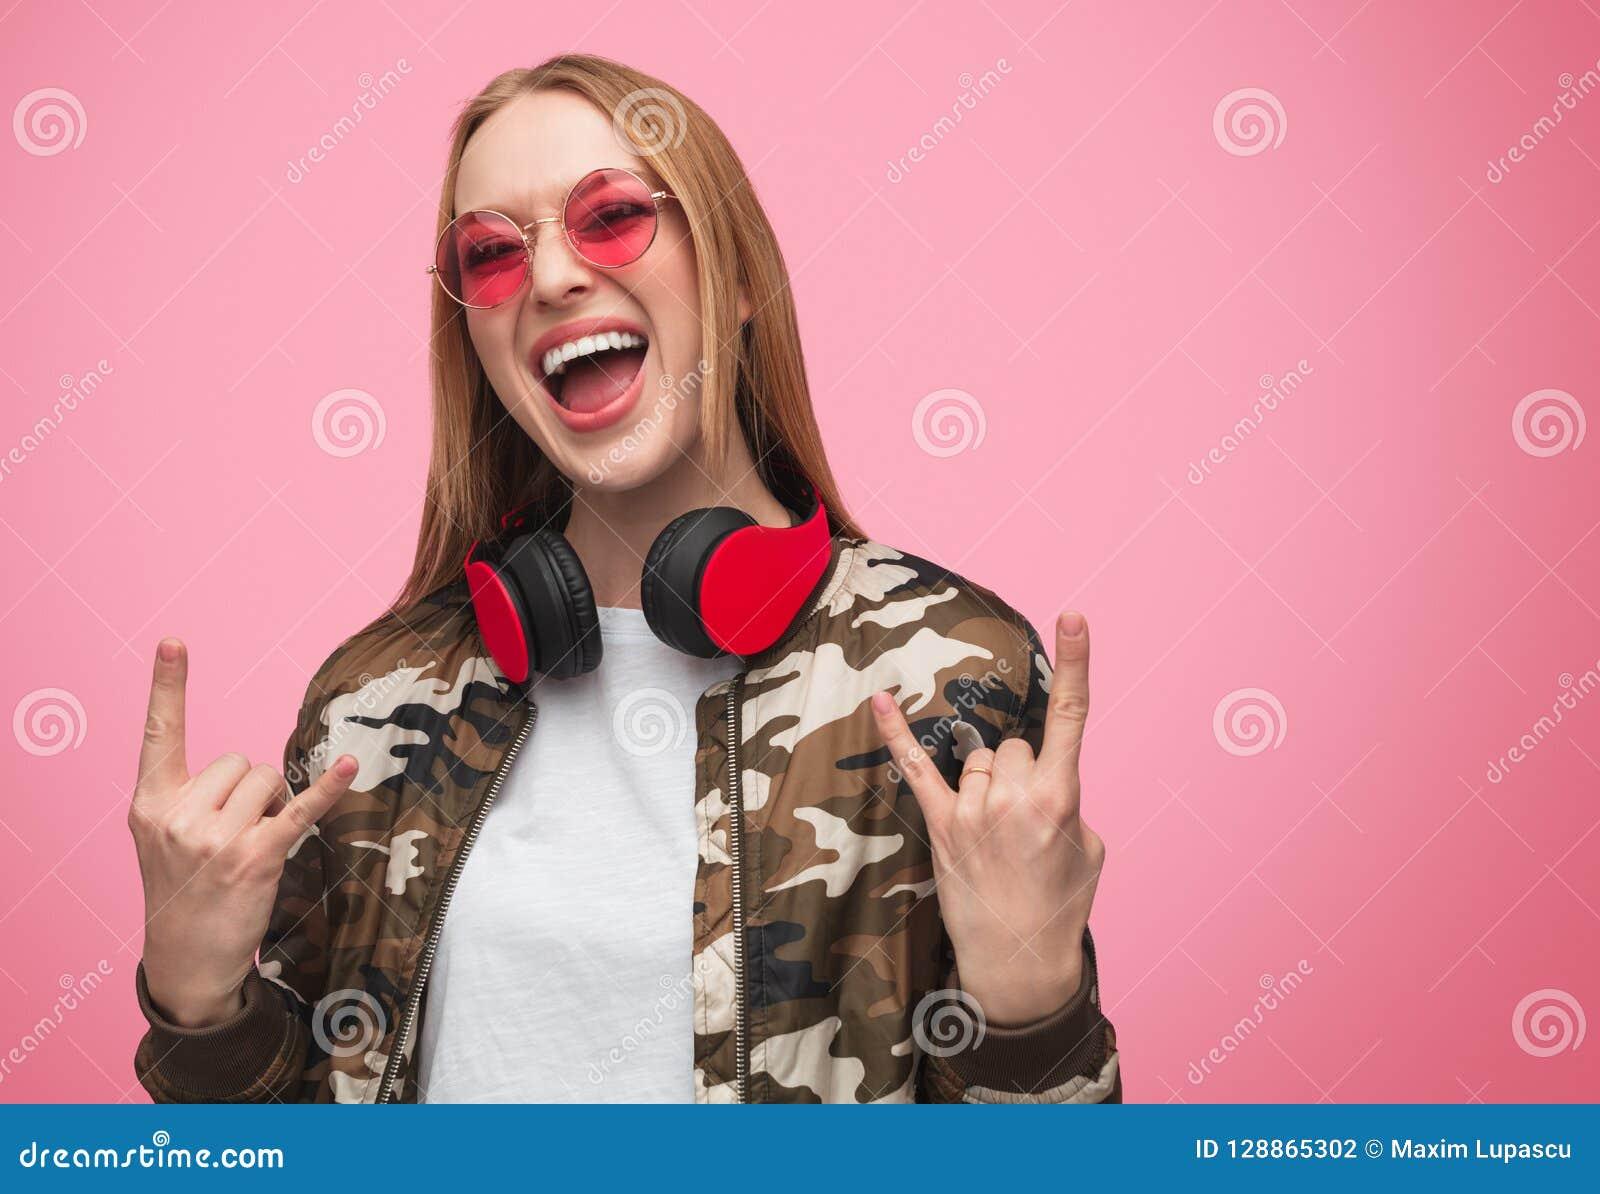 Stilfull rebellisk kvinna i solglasögon och hörlurar